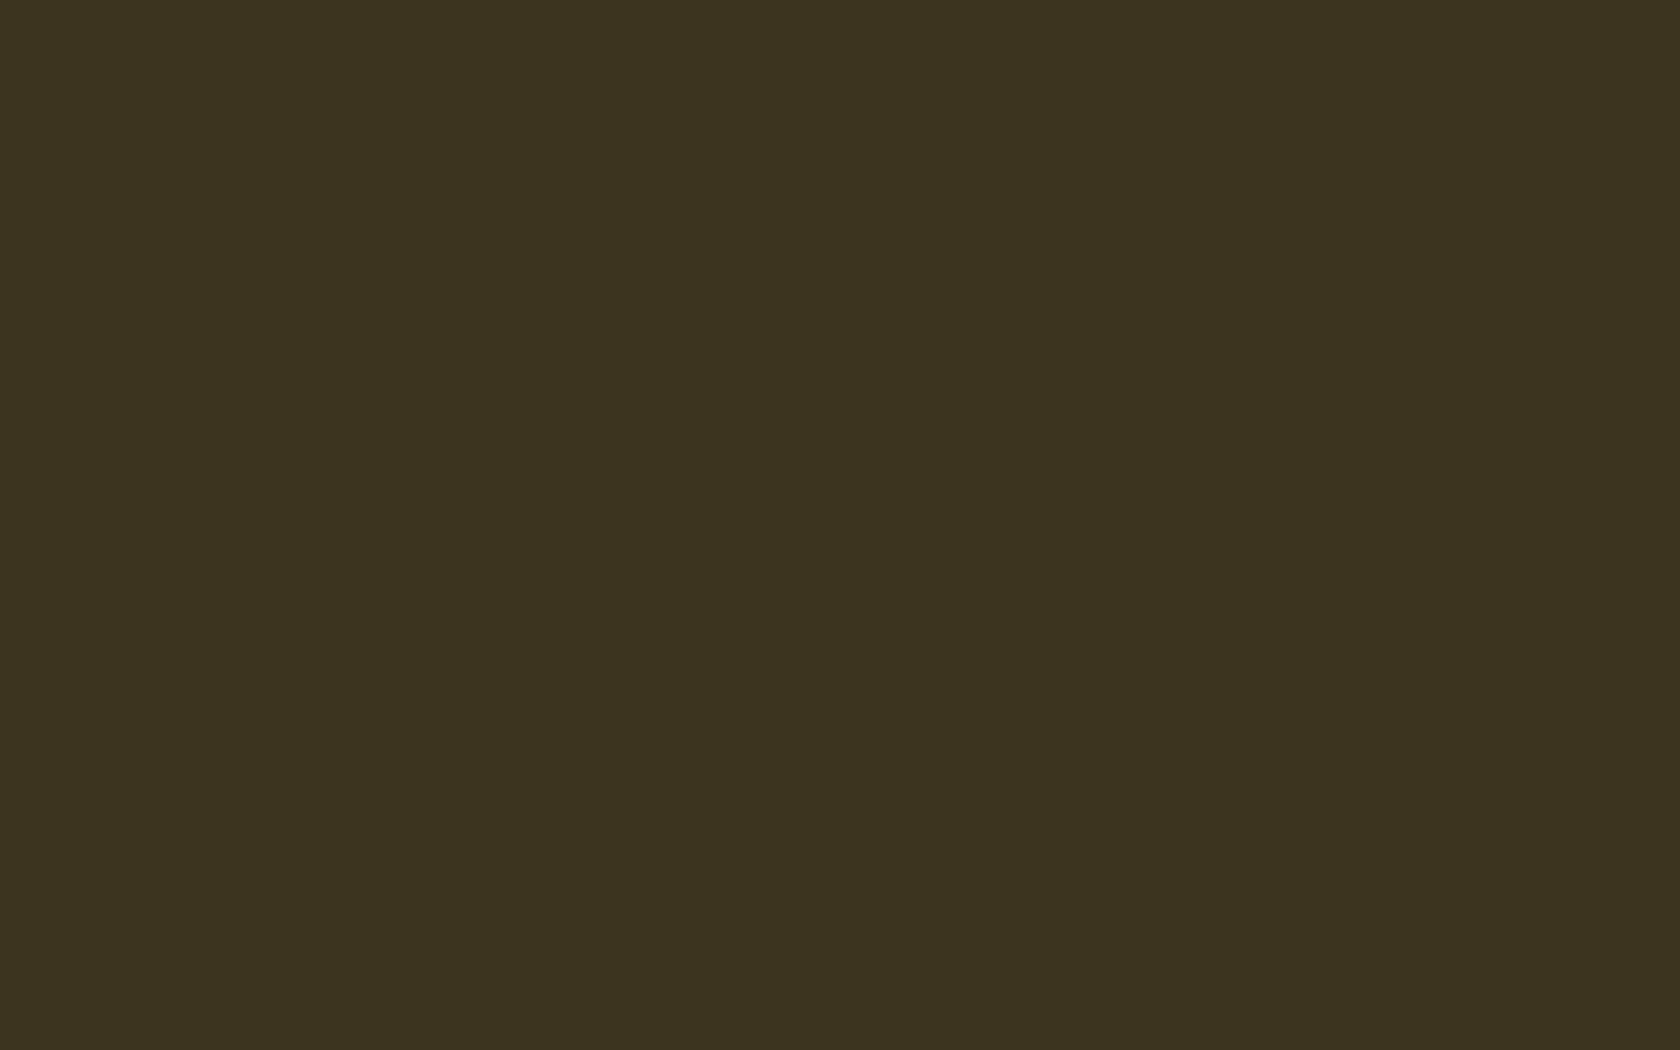 1680x1050 Olive Drab Number Seven Solid Color Background